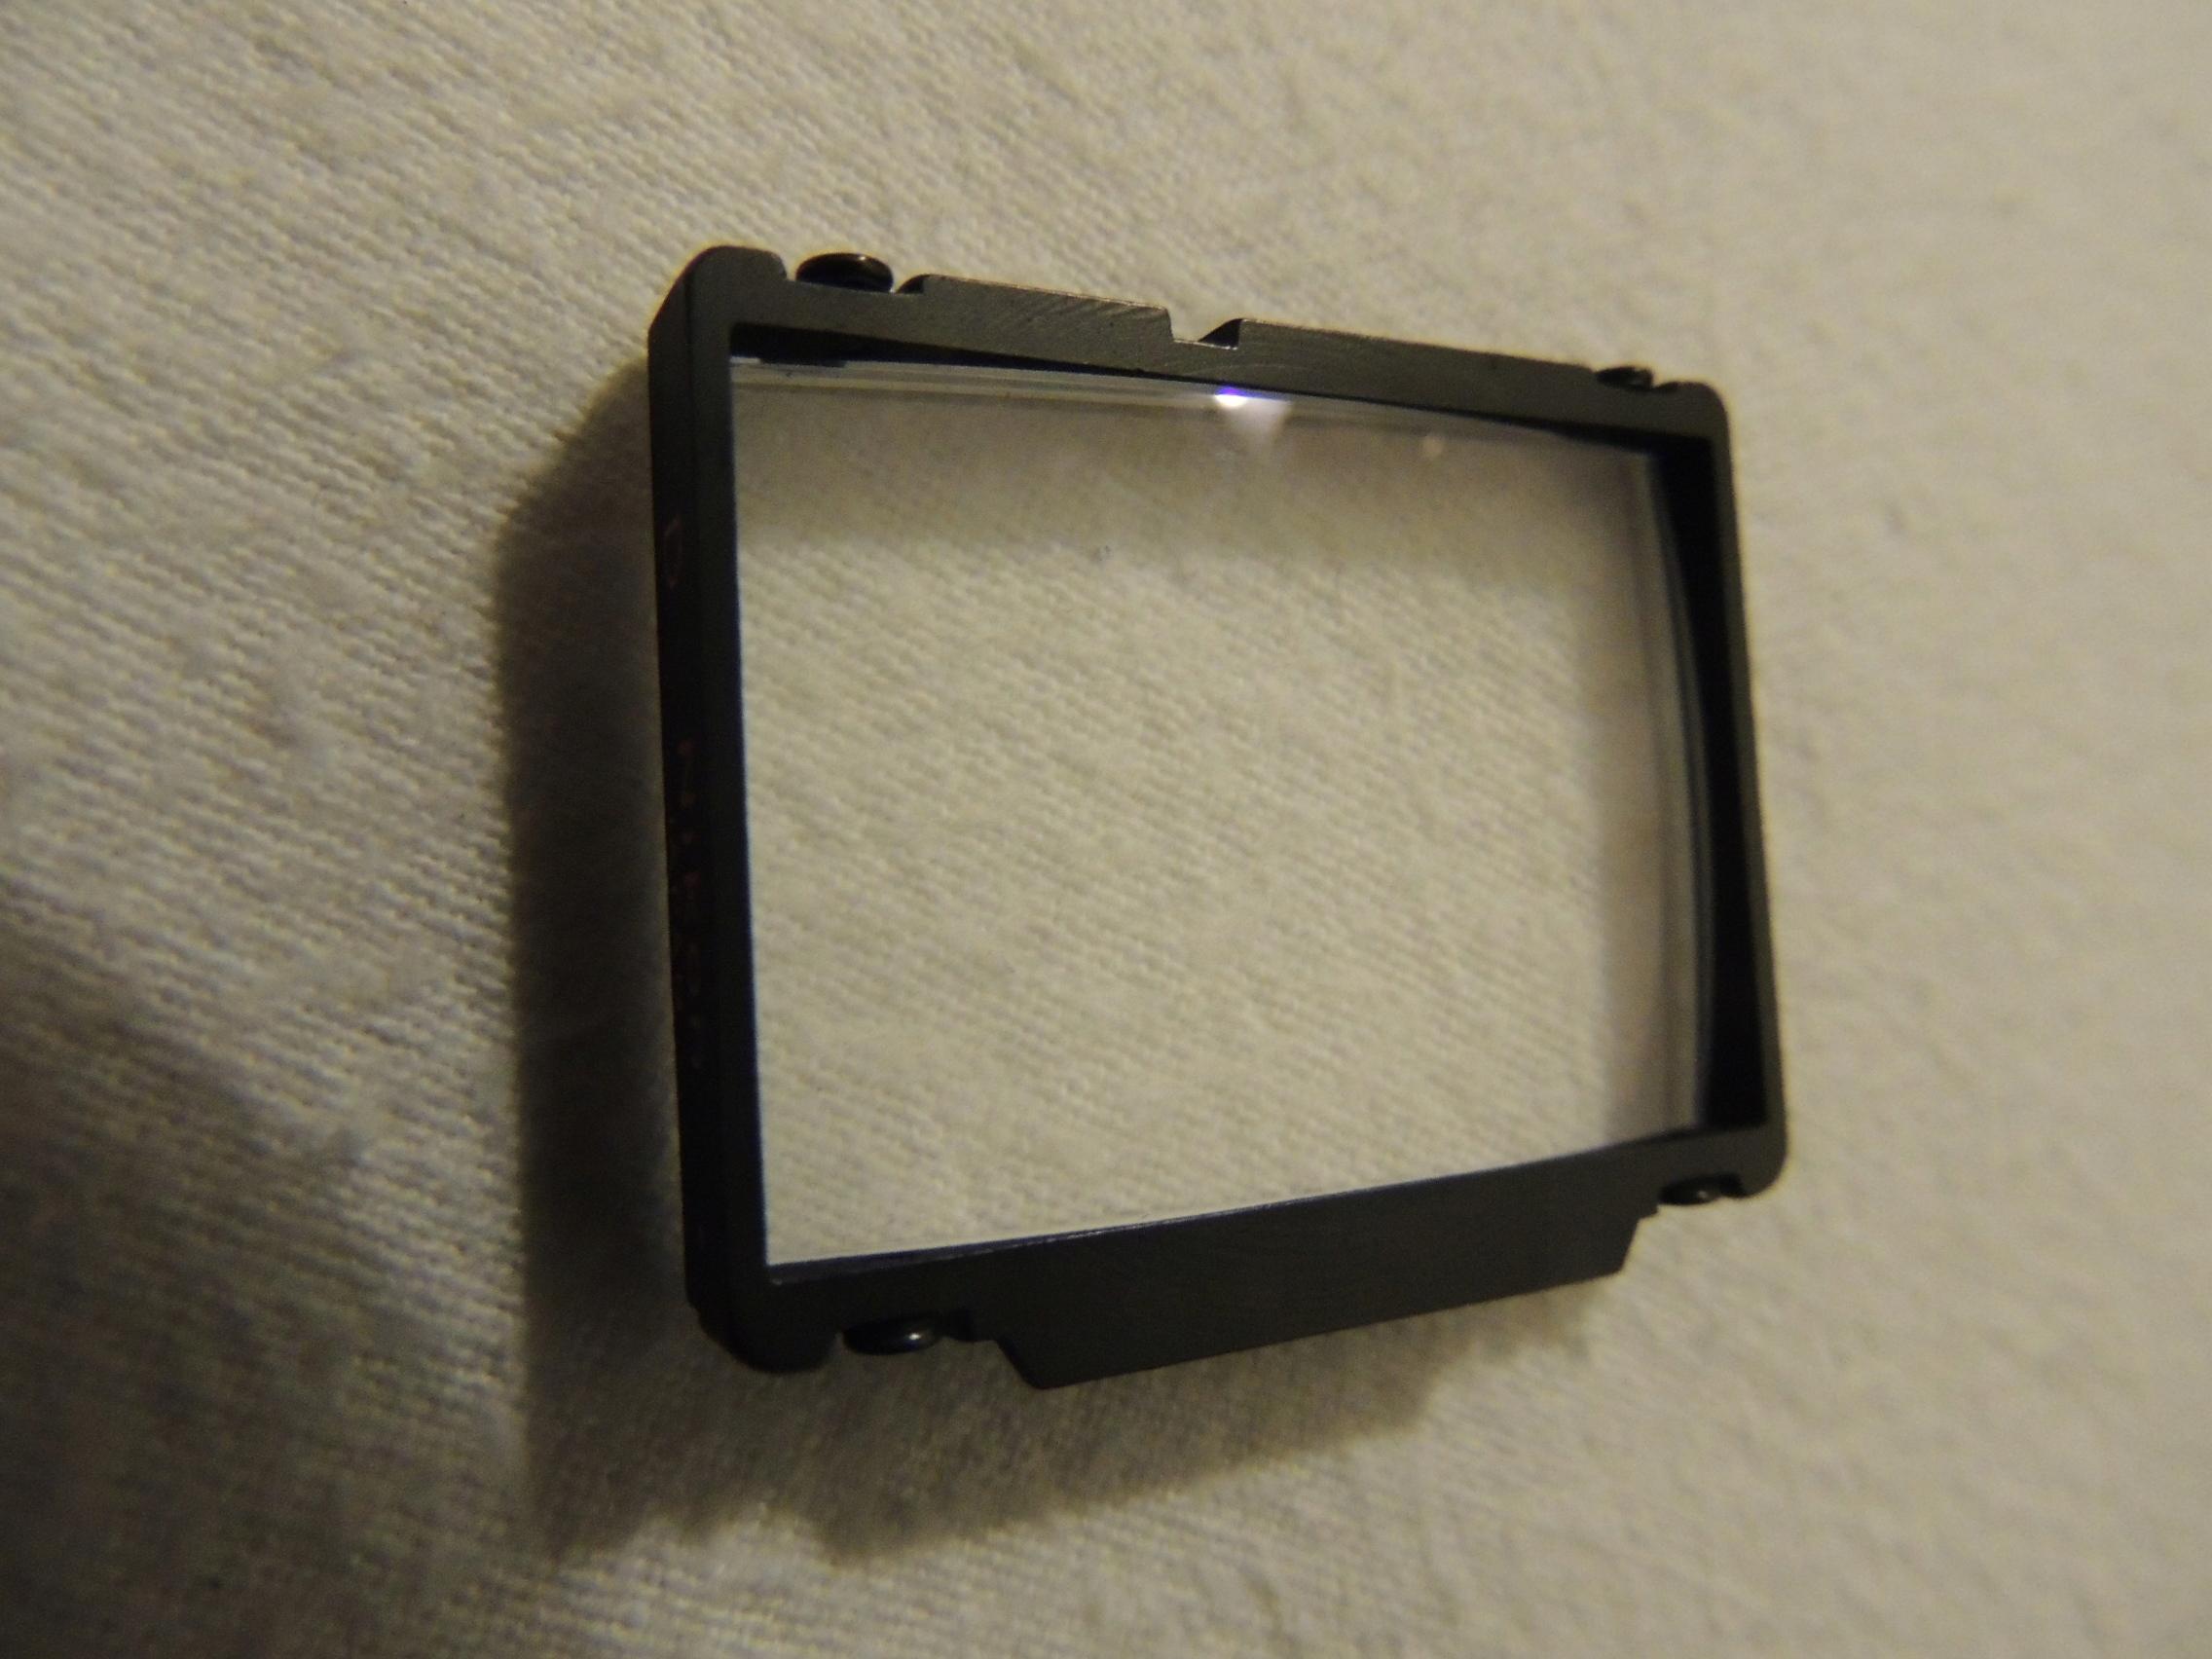 Nikon F3 matówka typ D